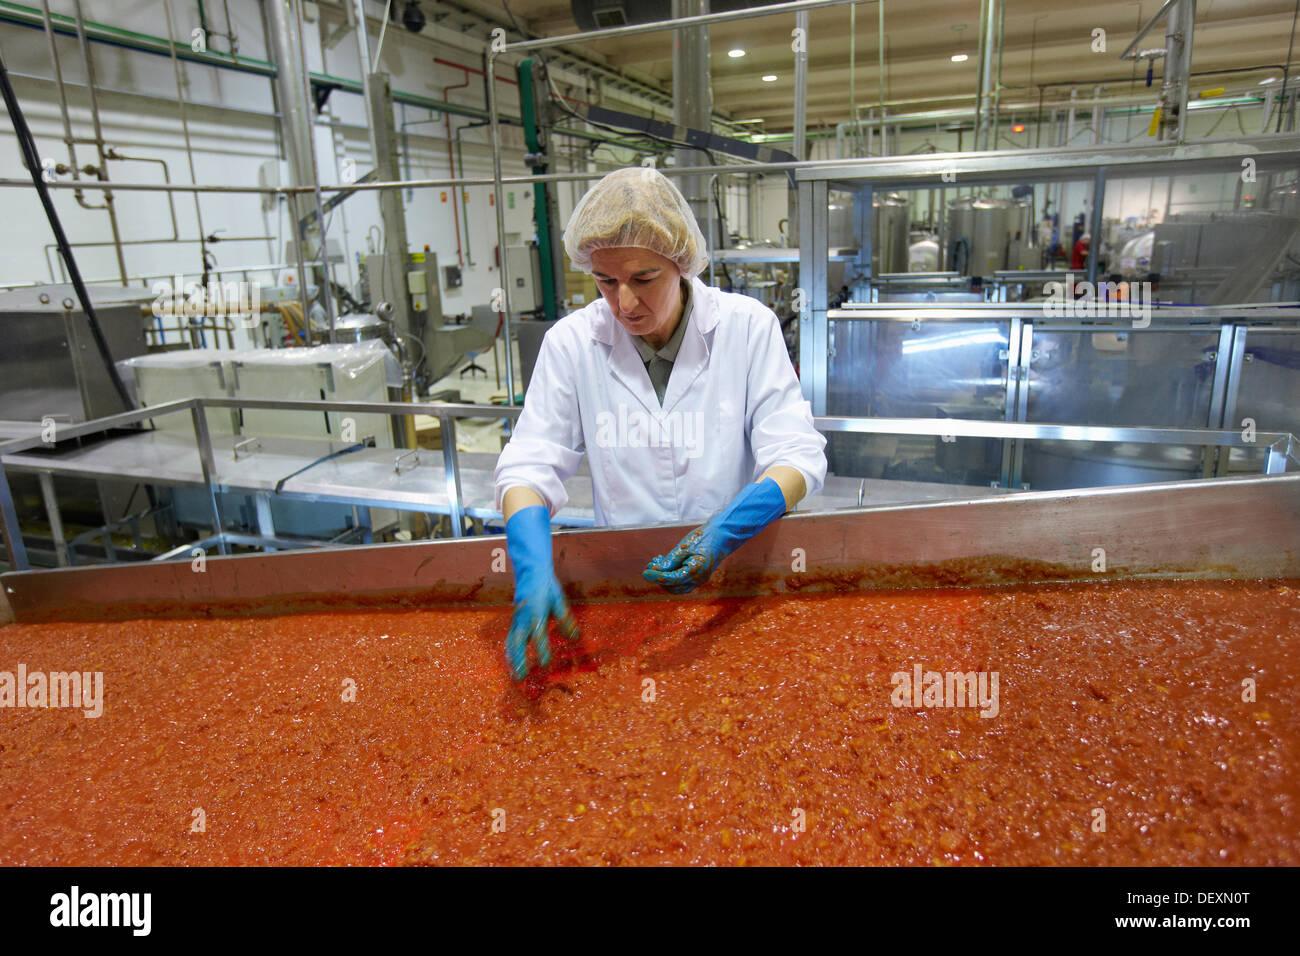 Produktionslinie für eingelegtes Gemüse und Bohnen in Glasflasche, gekochte Tomaten, Konservenindustrie, Agrar-und Ernährungswirtschaft, Navarra, Spanien Stockbild